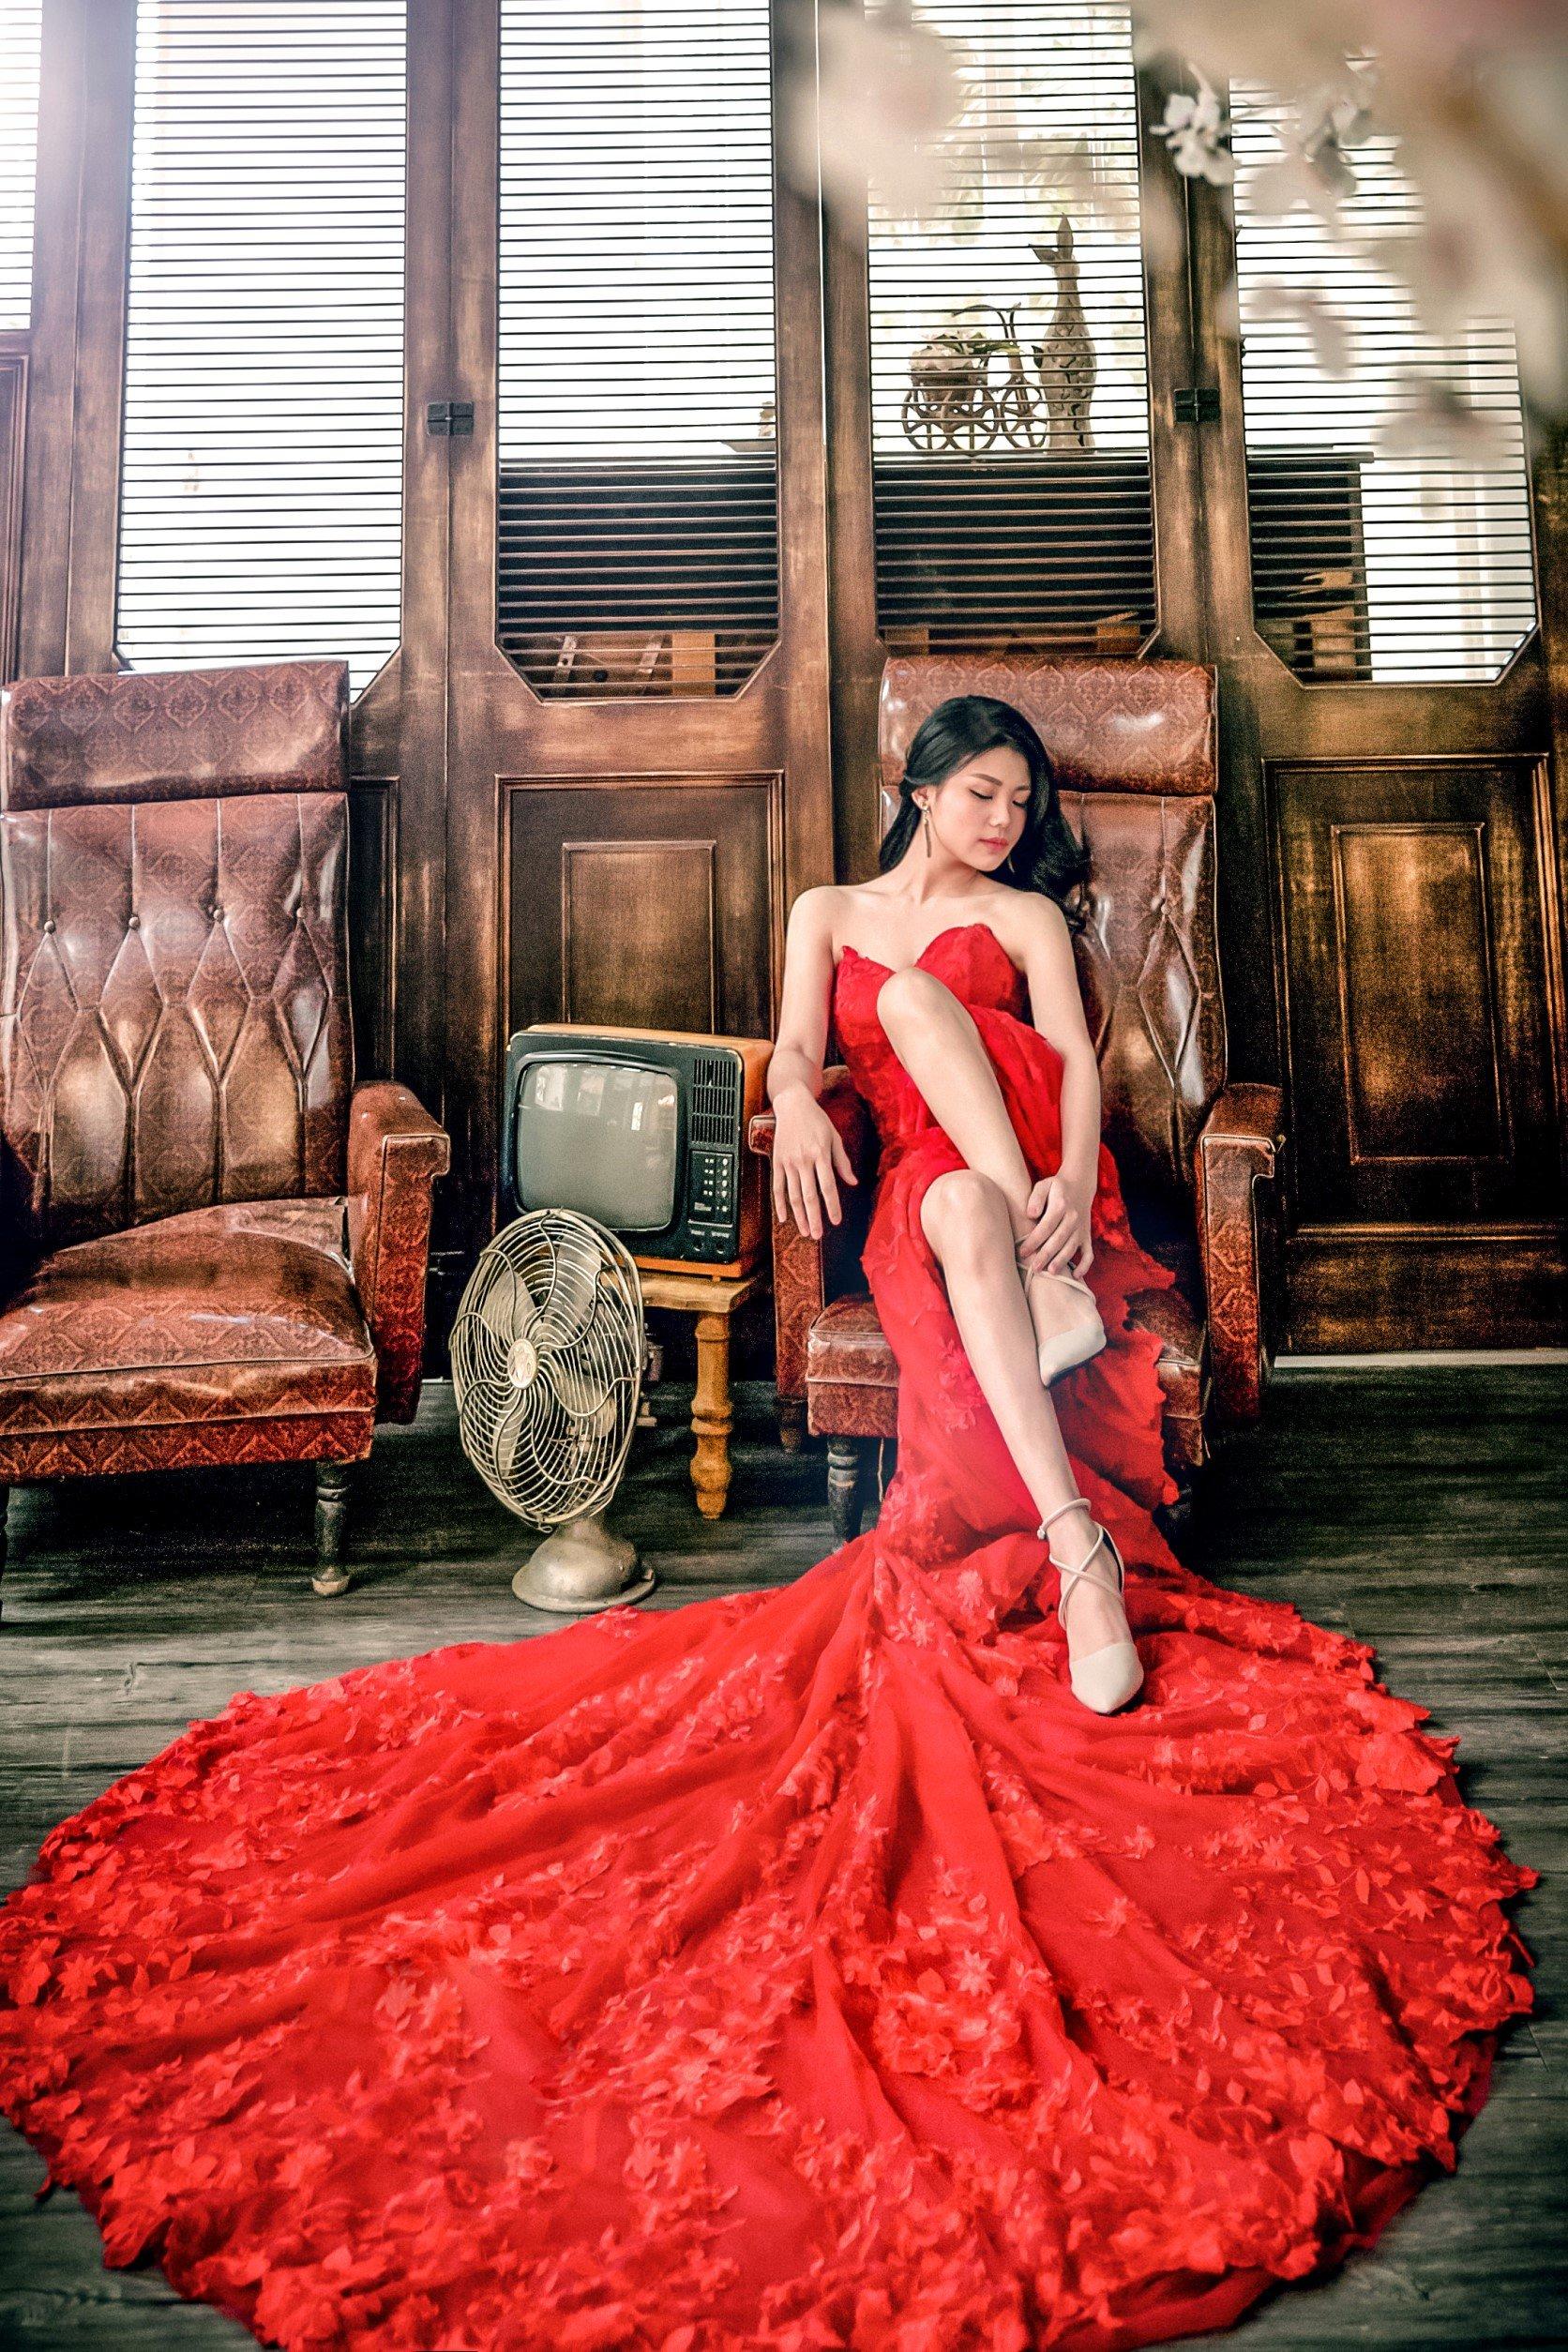 嘉義紐約紐約婚紗 攝影-拍照心得分享7